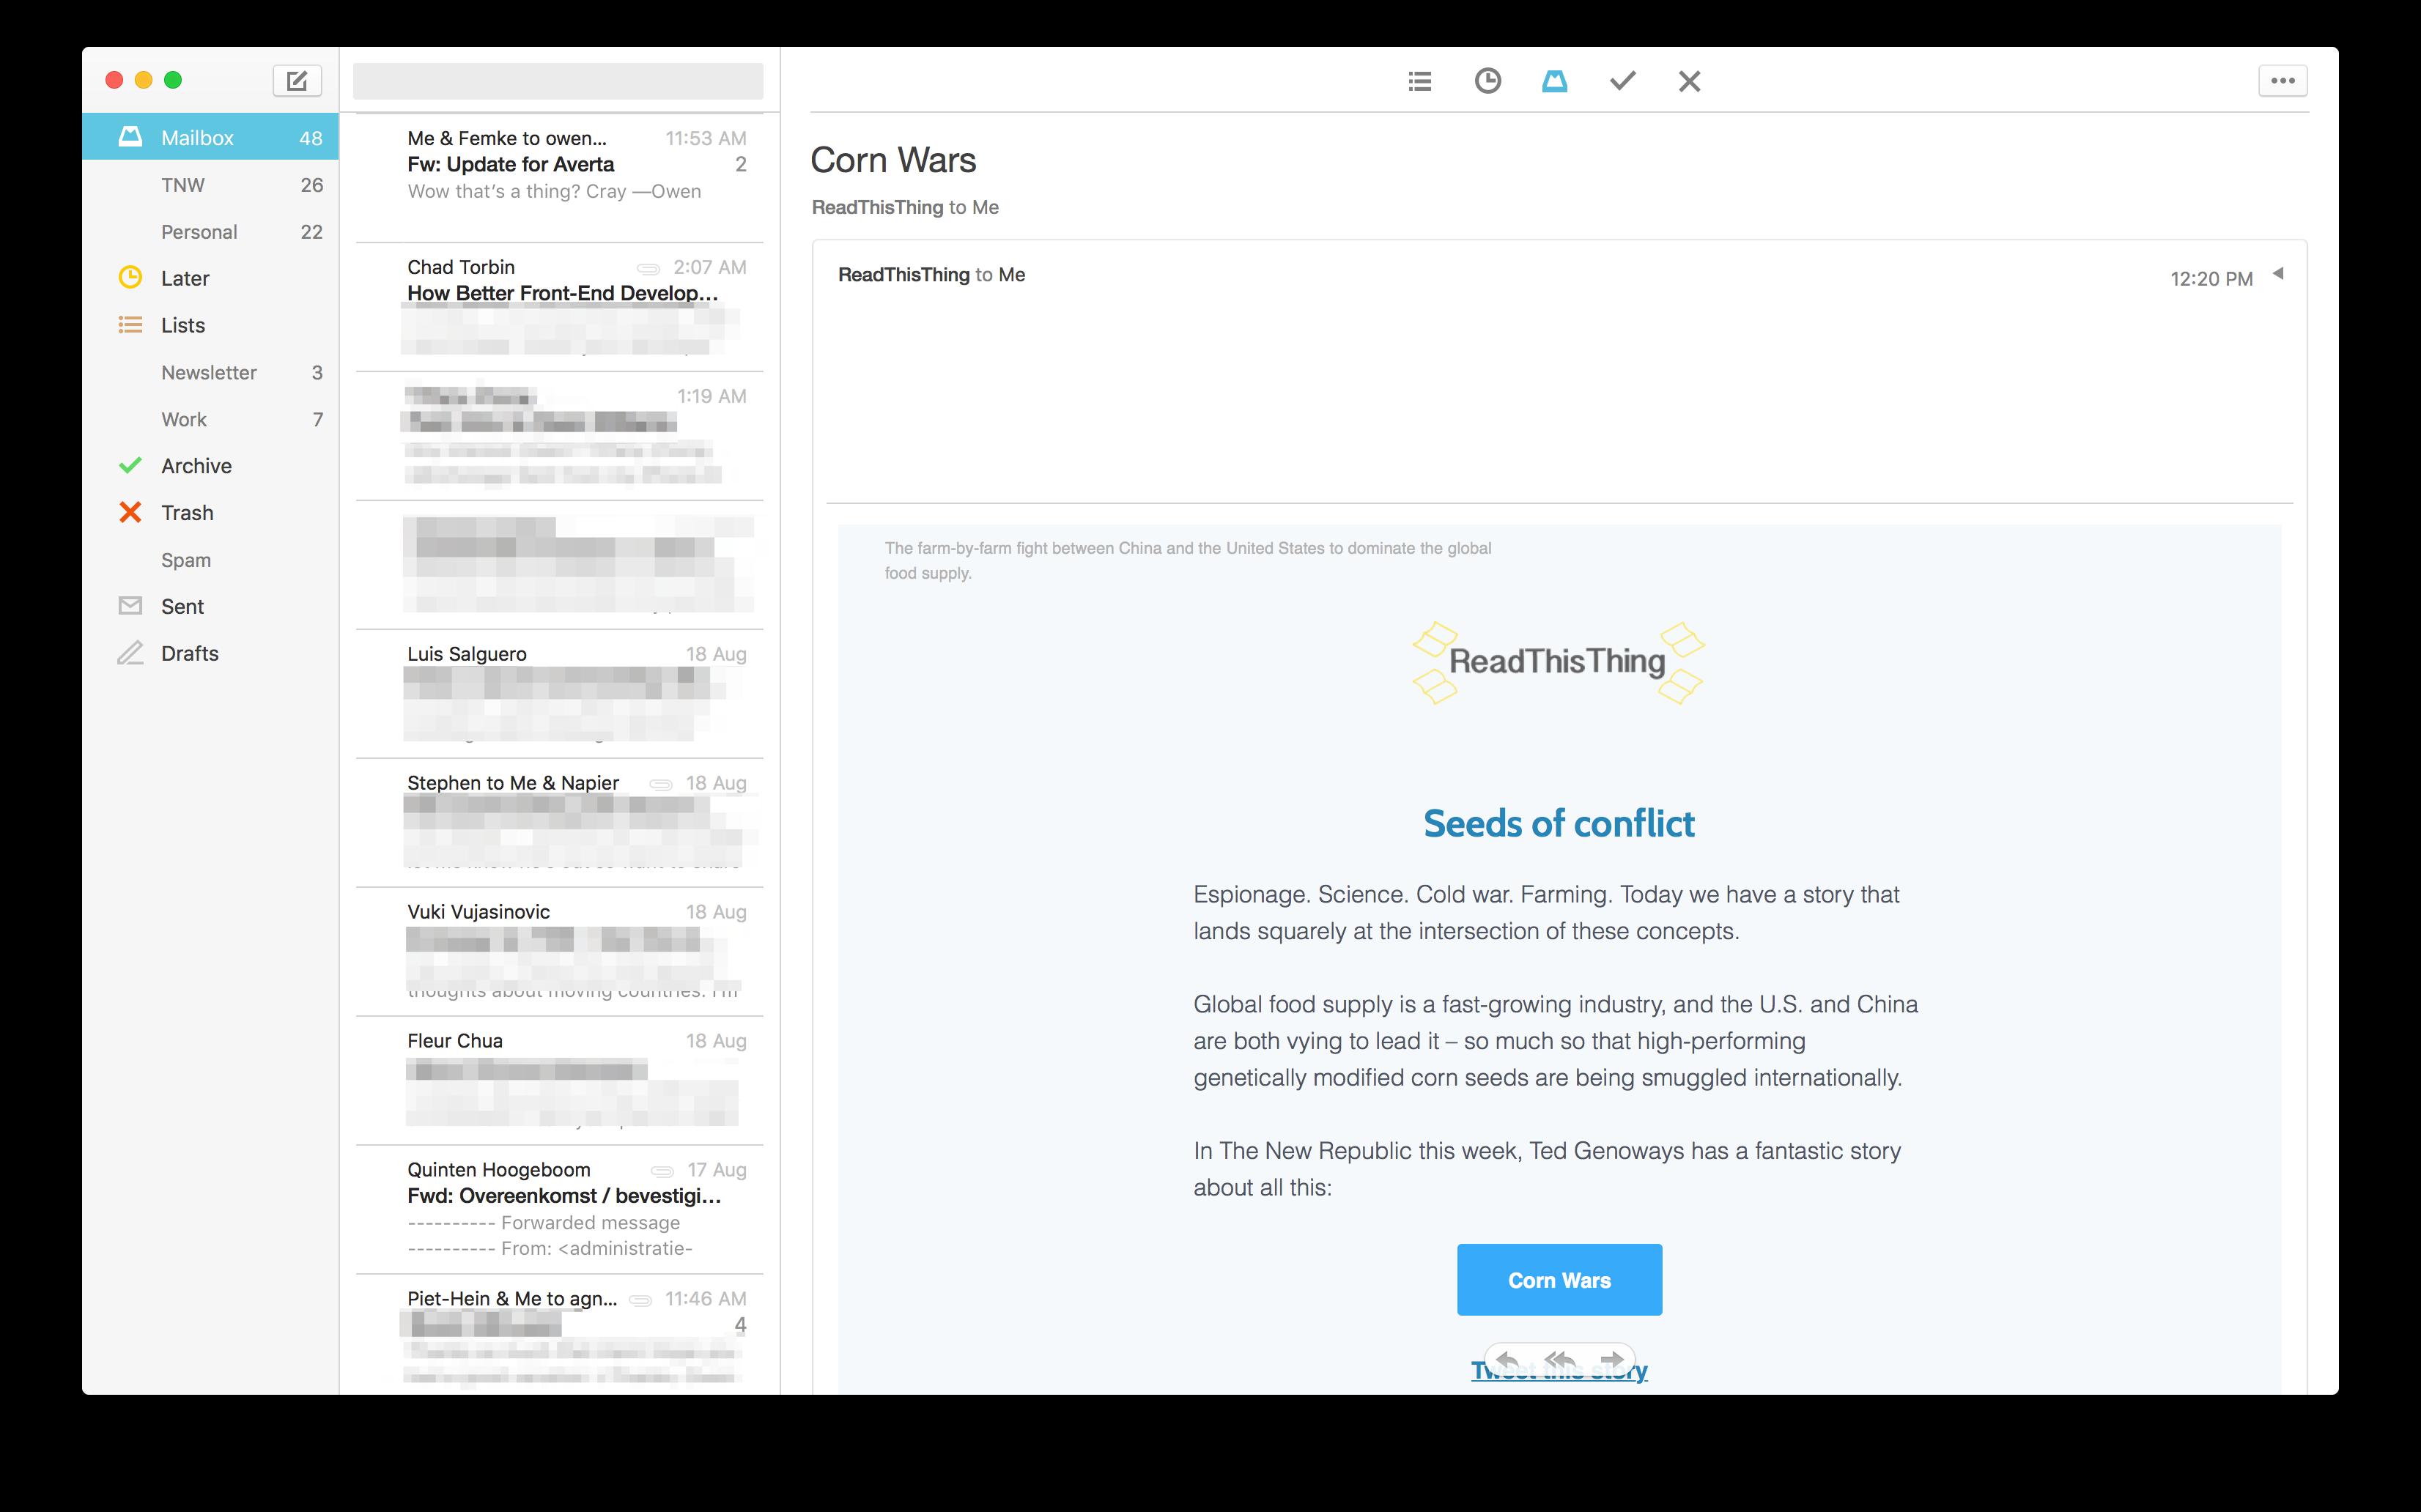 تحديث Mailbox على نظام ماك يجلب تصميم جديد وعدد من التحسينات